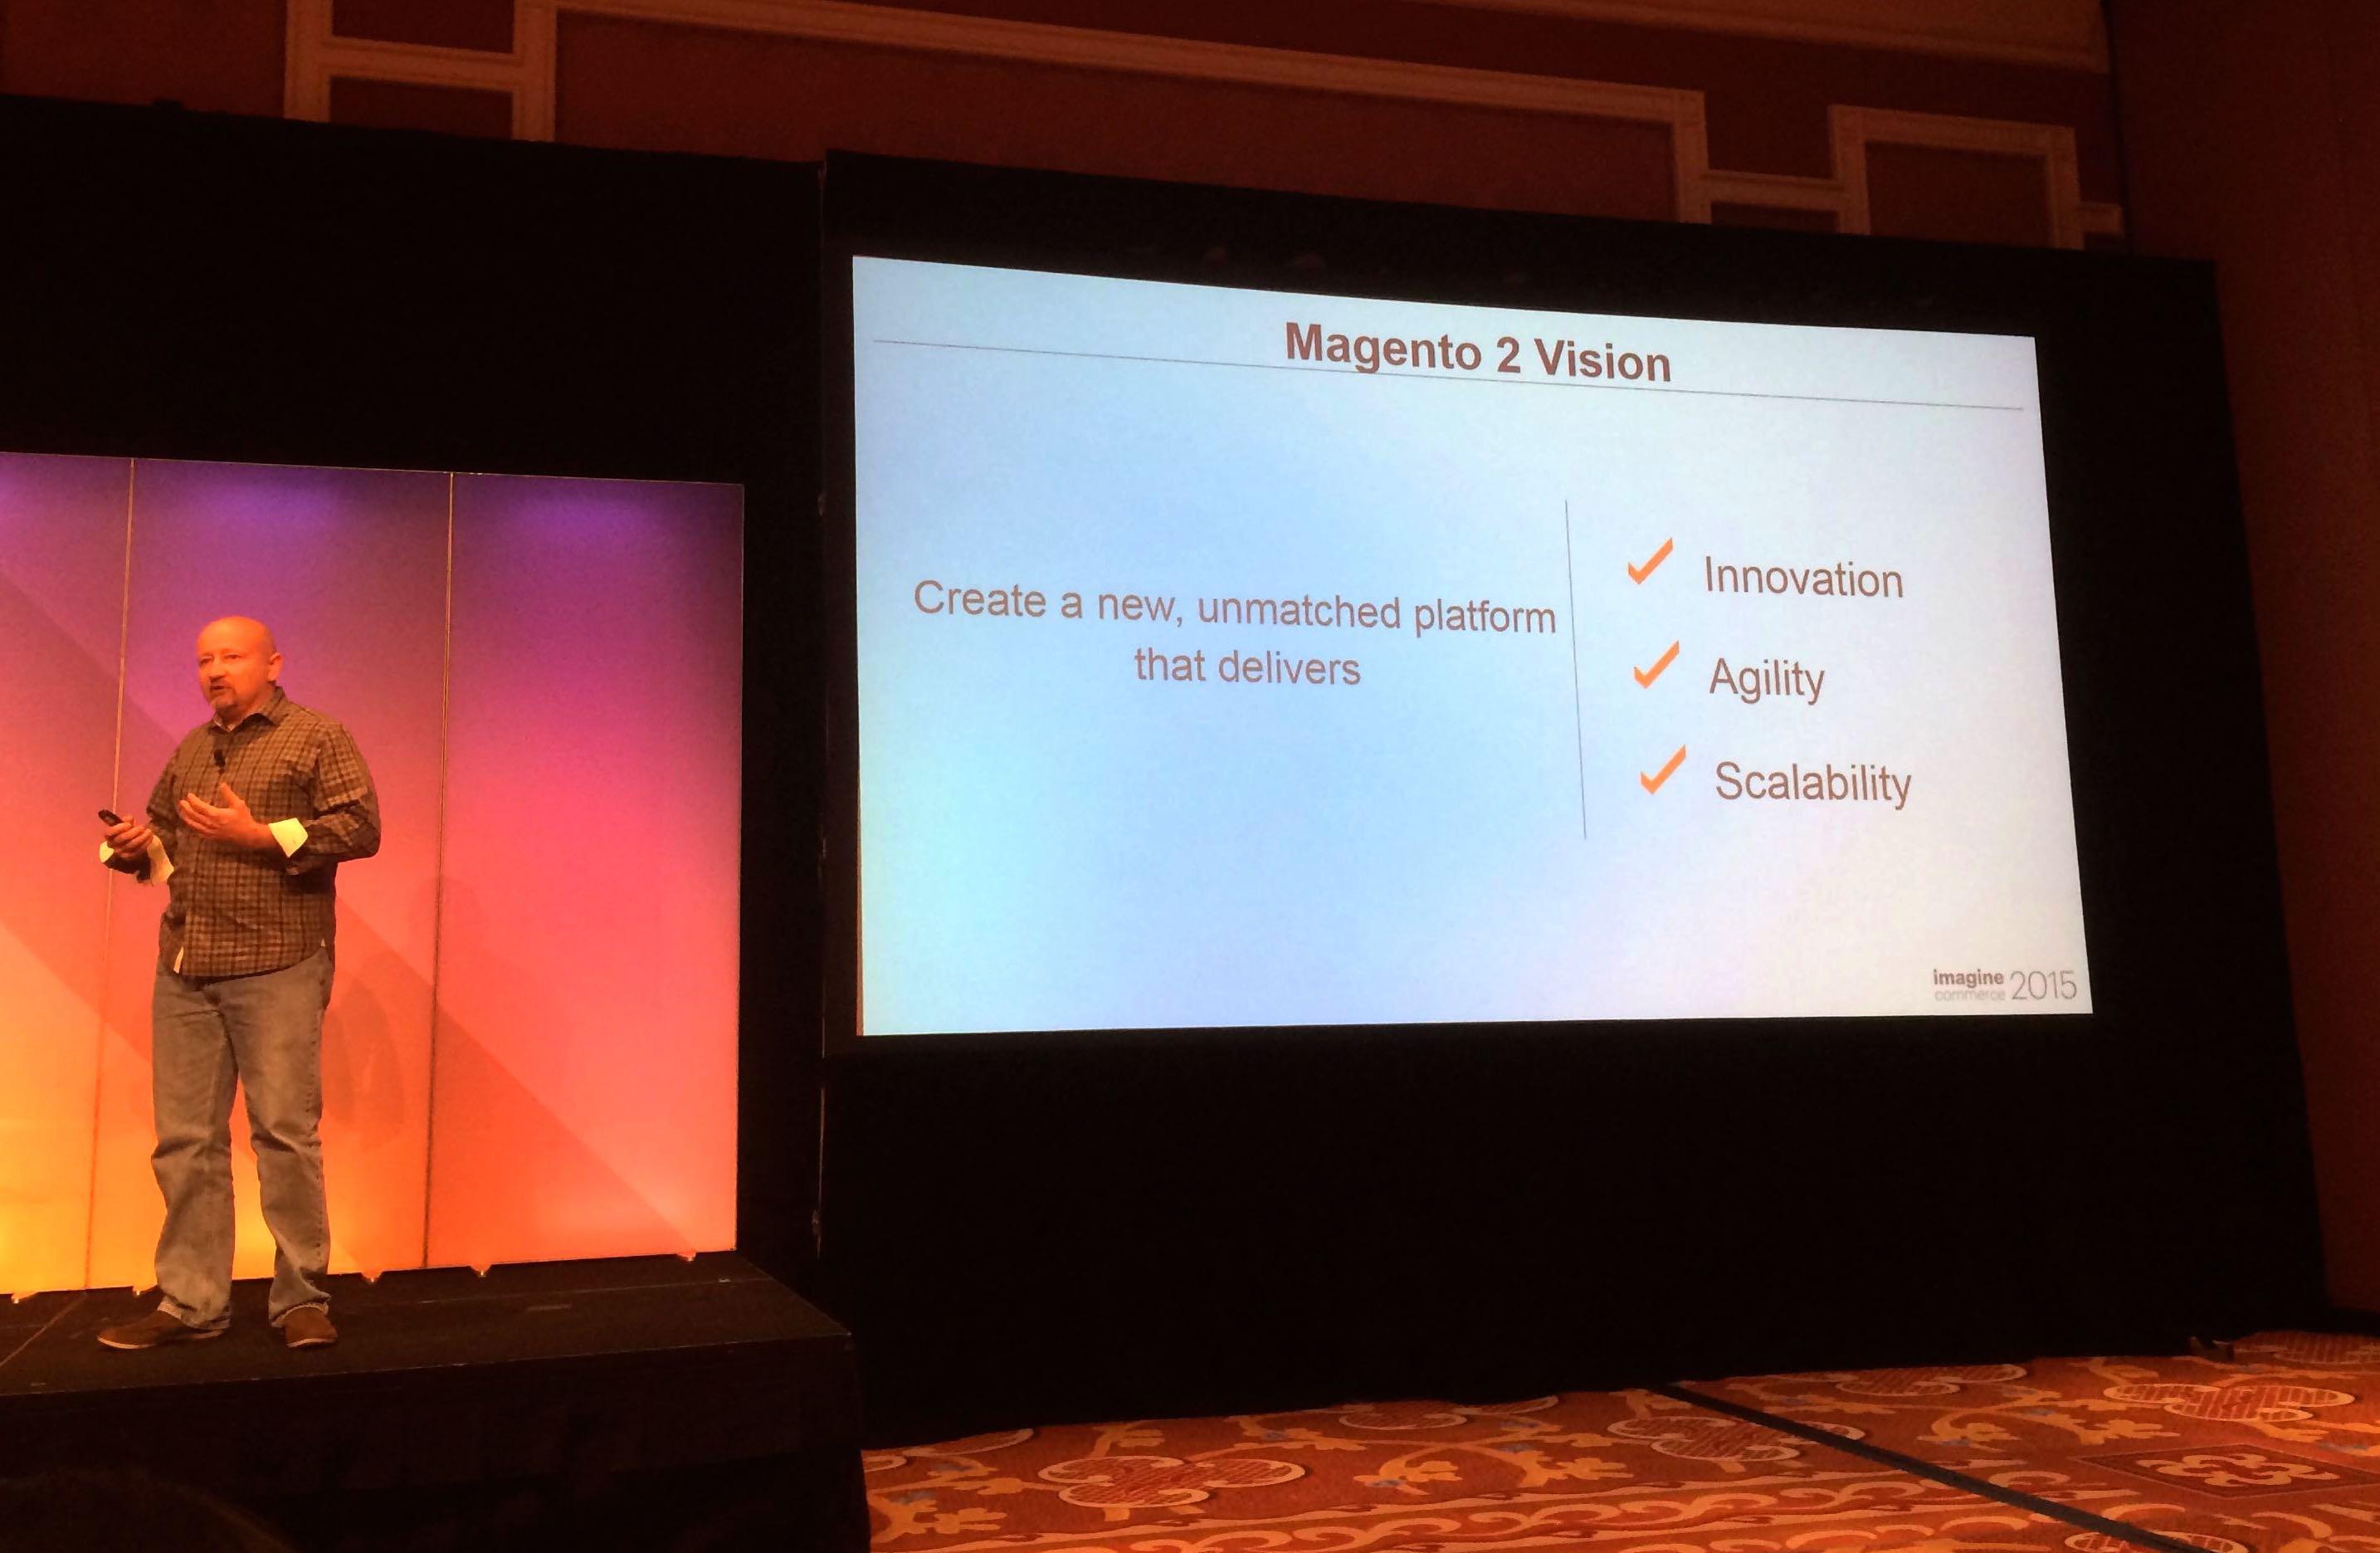 Magento2 : 3 axes majeurs : l'Agilité, l'Innovation et la Scabilité